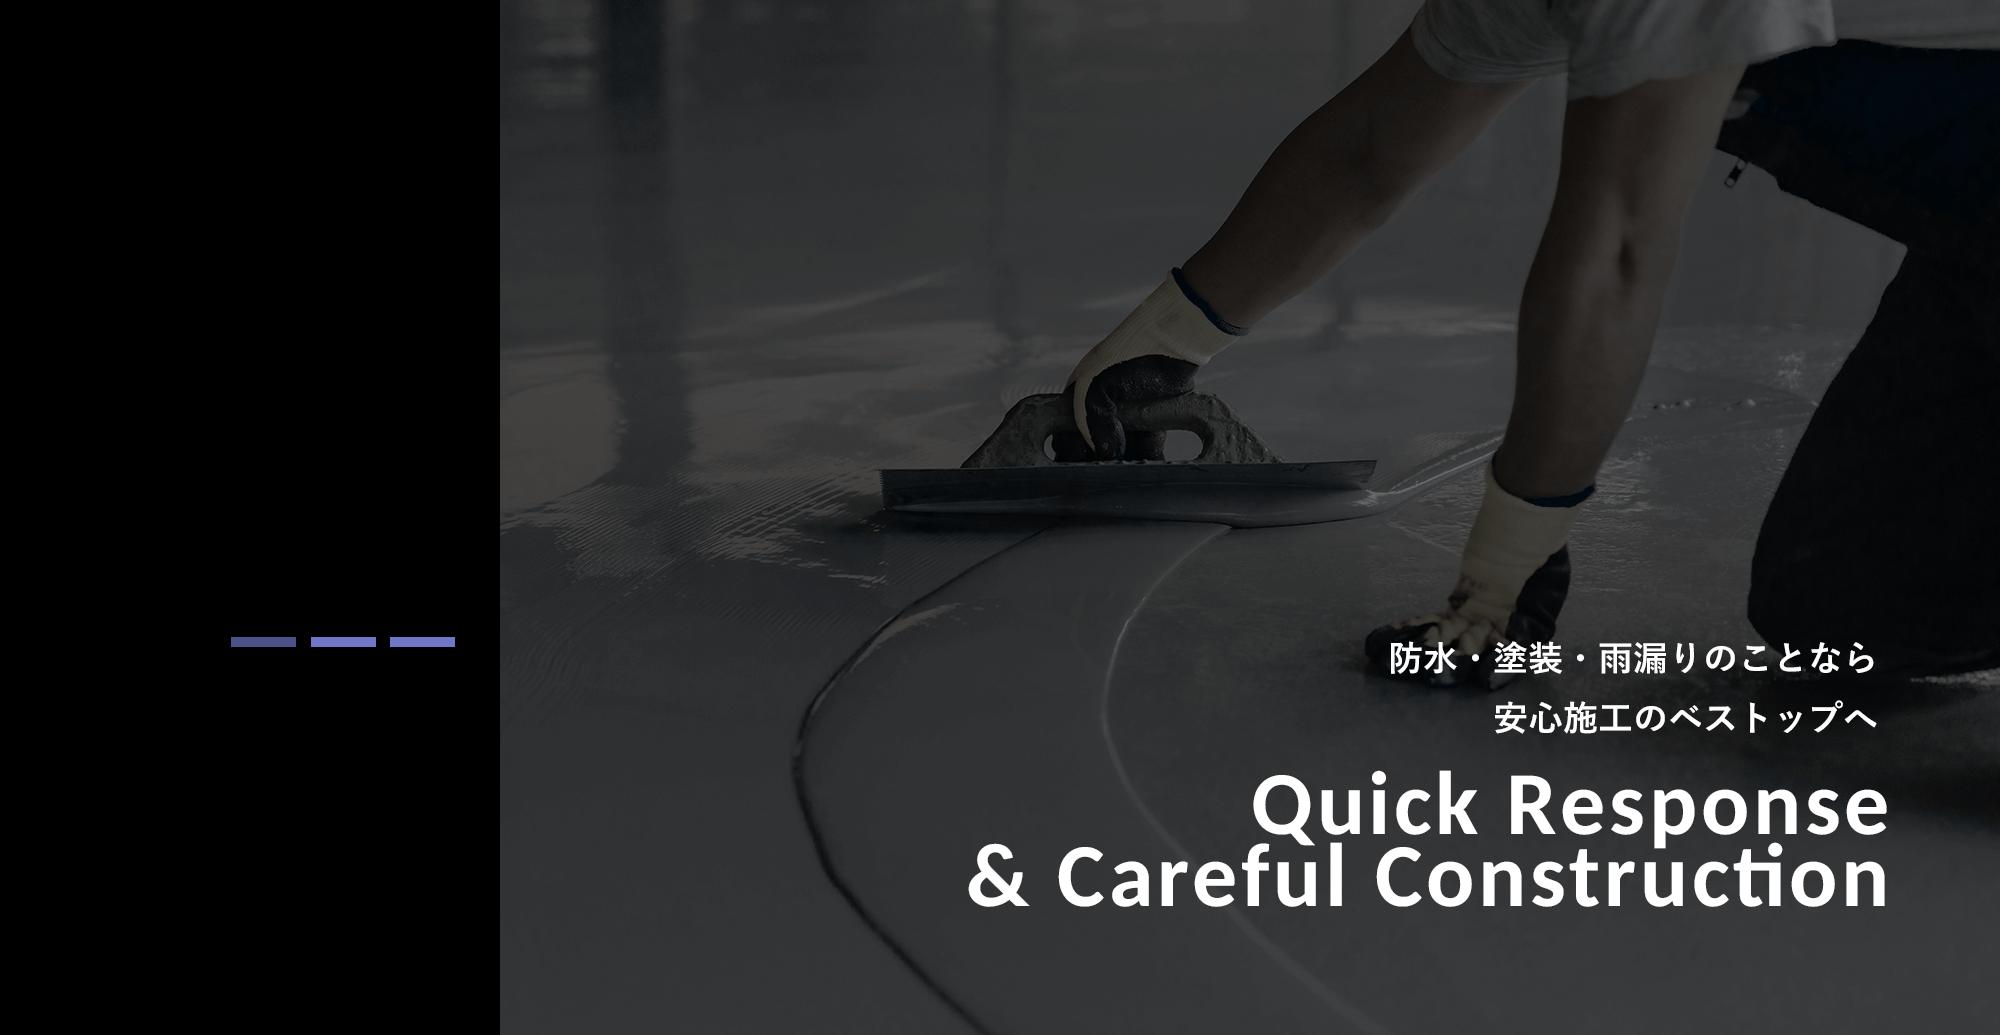 防水・塗装・雨漏りのことなら安心施工のベストップへ